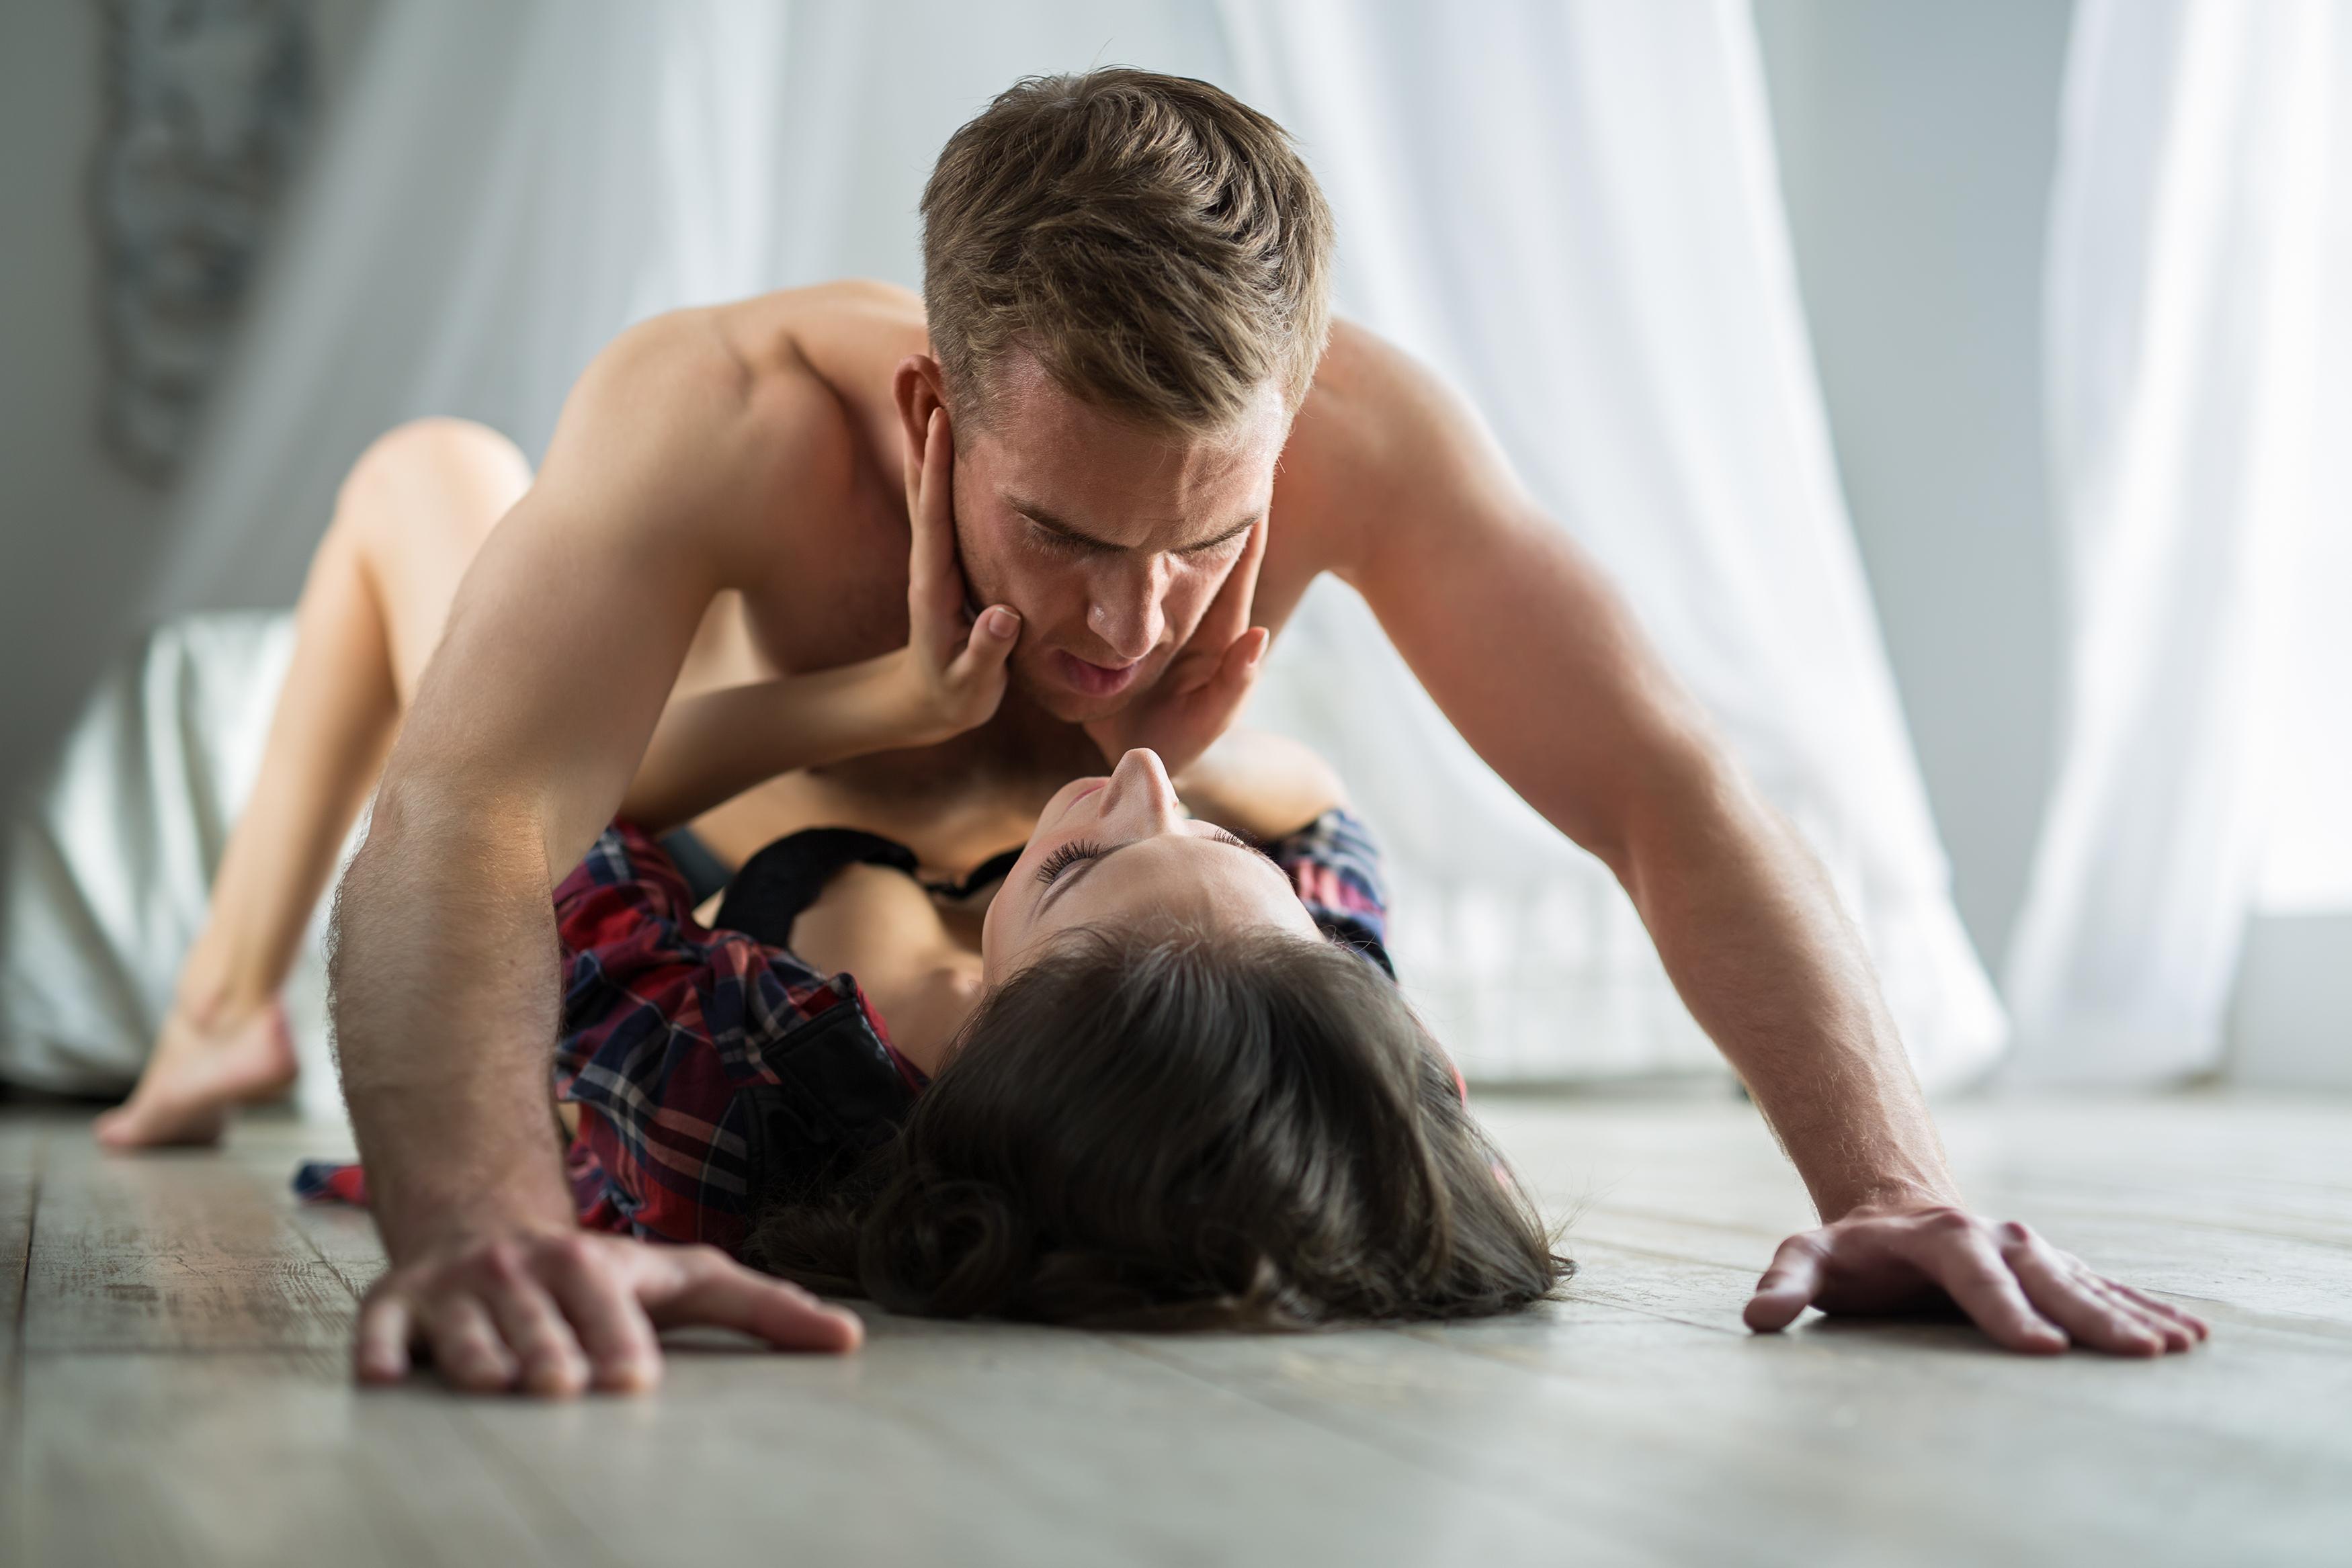 Позы для занятия любовью порно фото